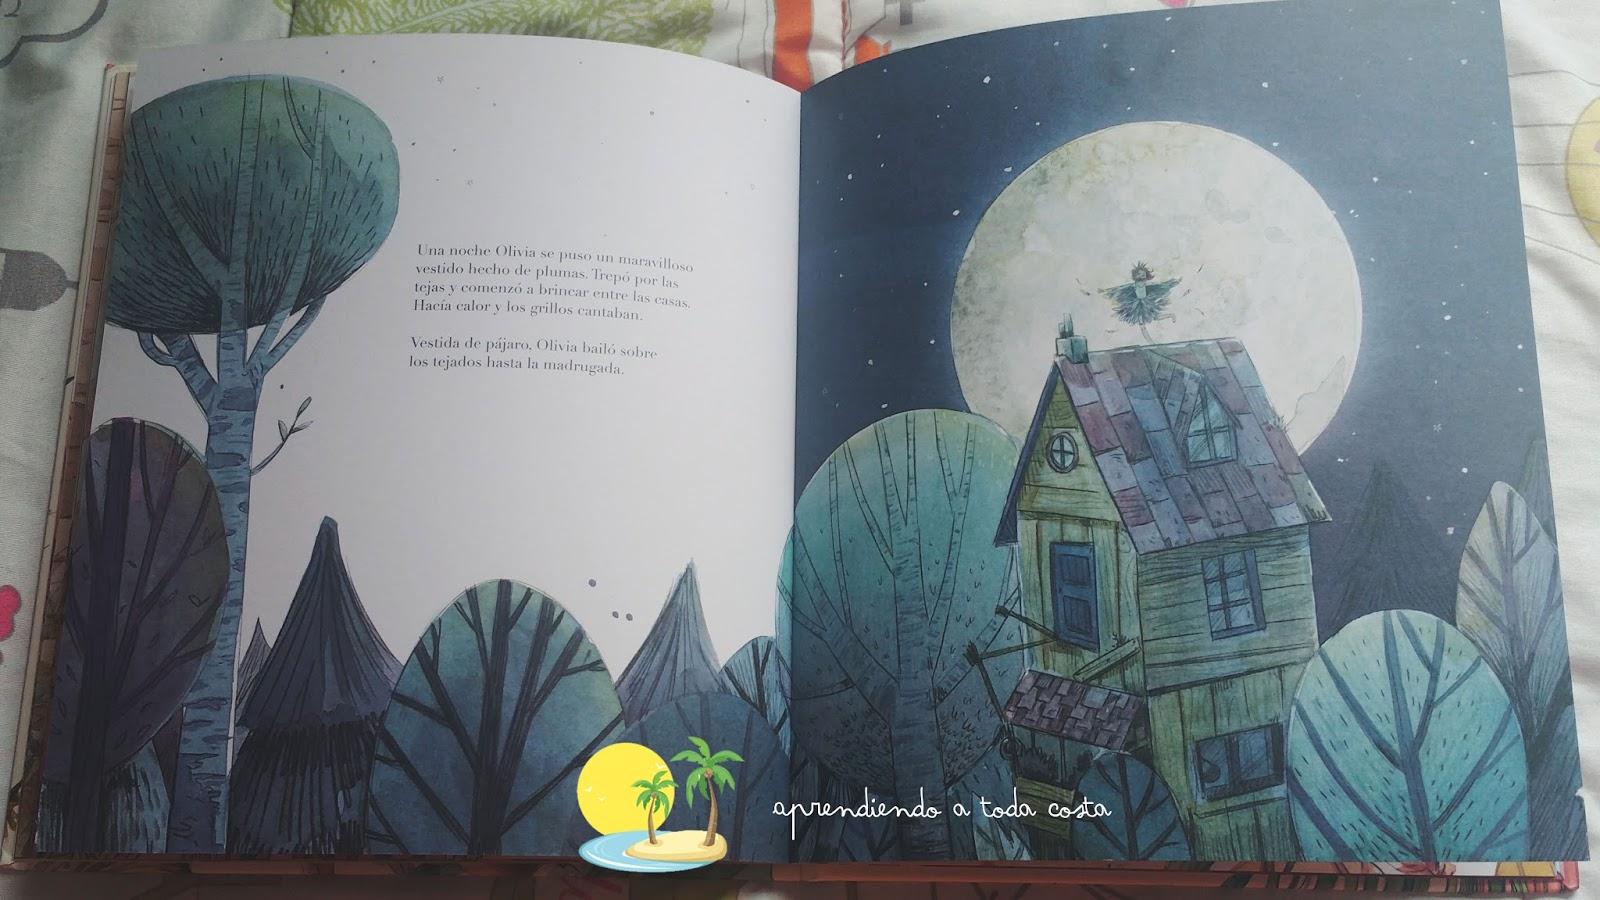 Detalle interior del libro